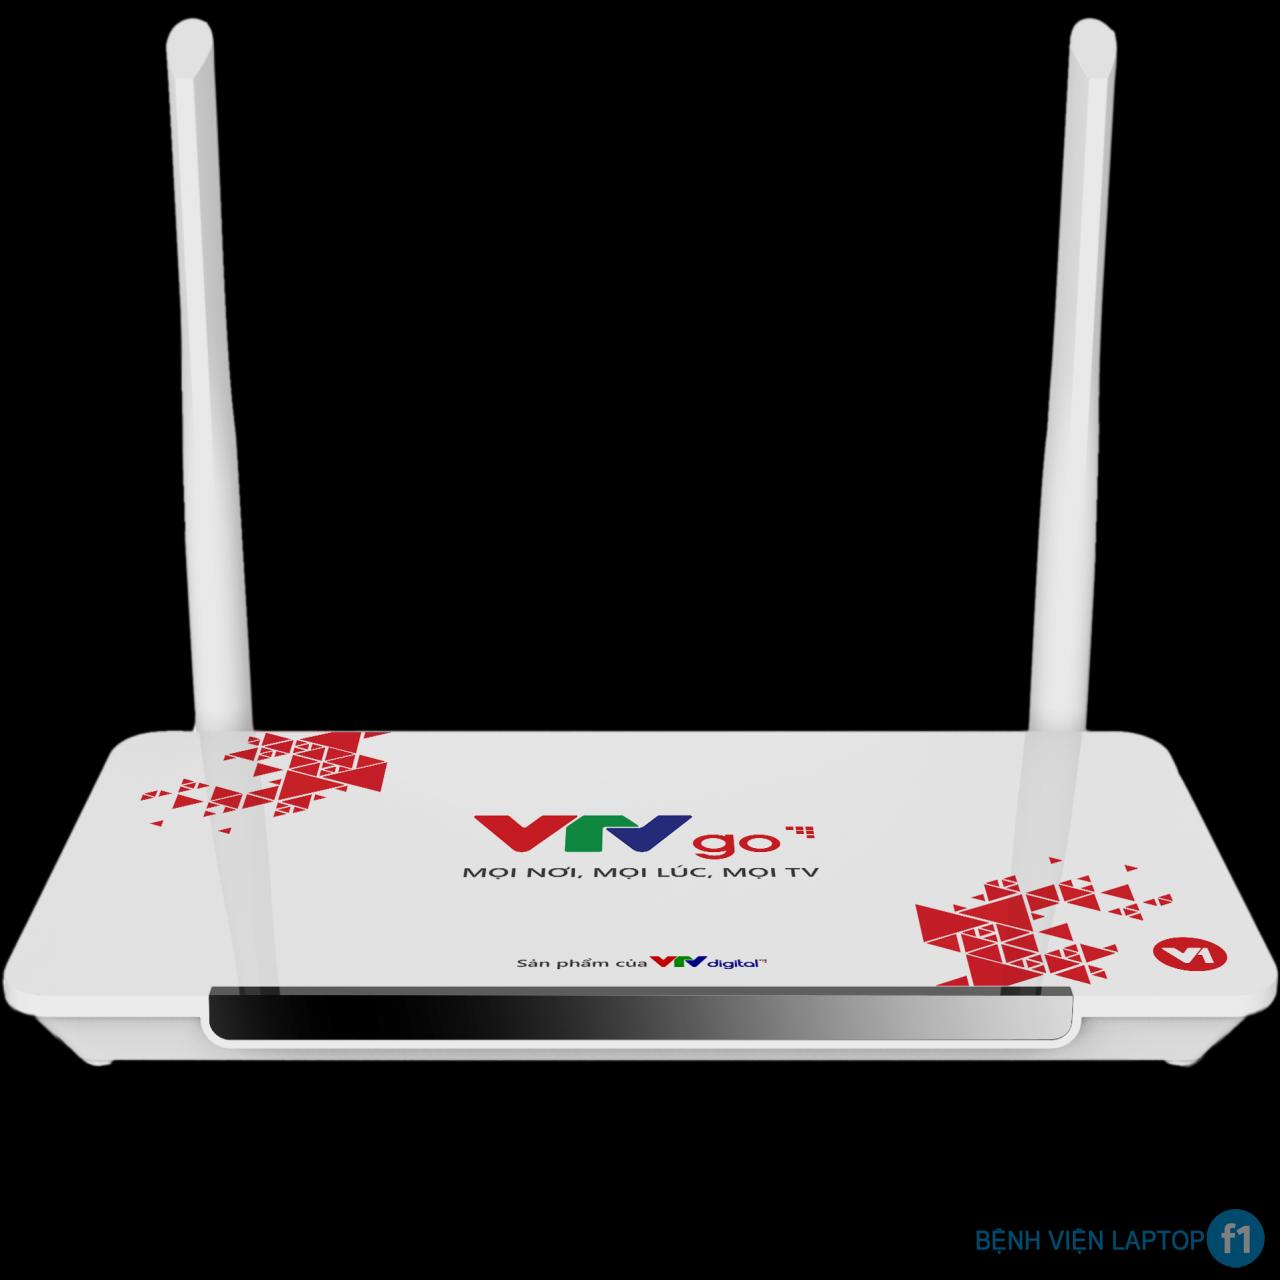 Hướng dẫn sử dụng Tivi BOX VTVGo V1 chính hãng